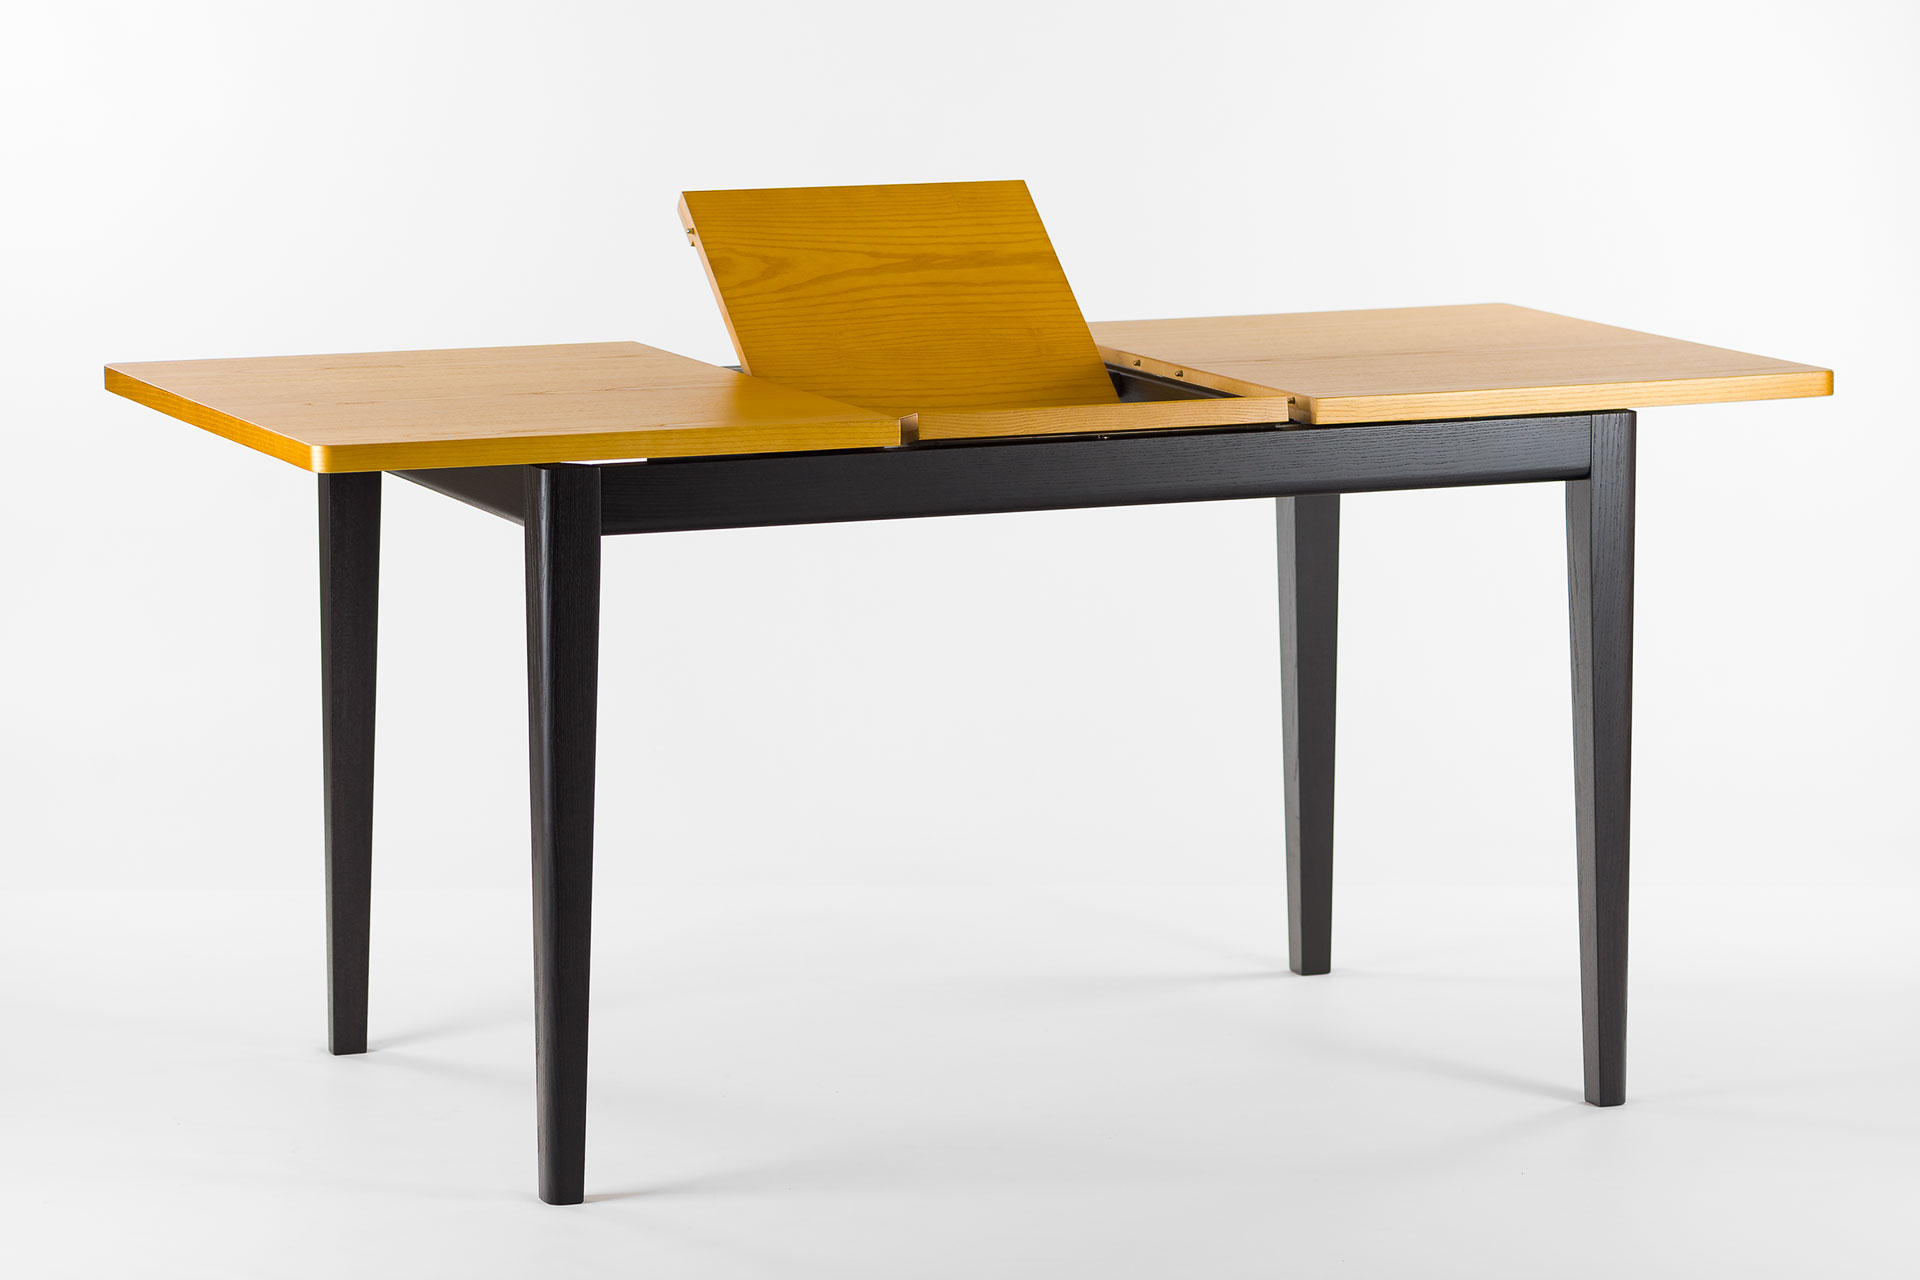 """Раскладной, прямоугольный кухонный стол """"Фишер"""" с черным каркасом и тонированной столешницей, механизм раскладки"""